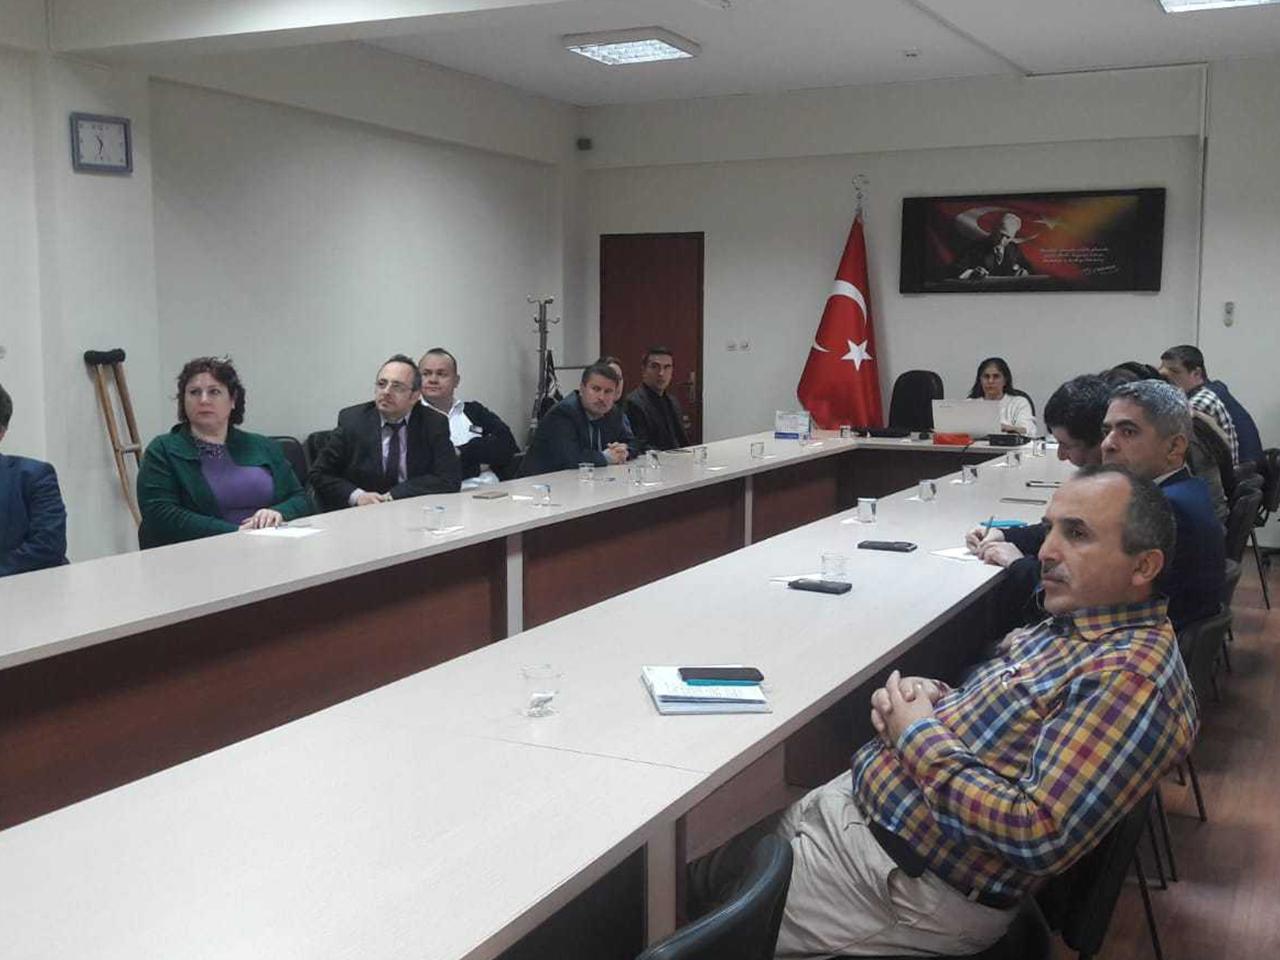 Zonguldak Alaplı Kaymakamlığında, Bilinçli Ve Güvenli İnternet Semineri